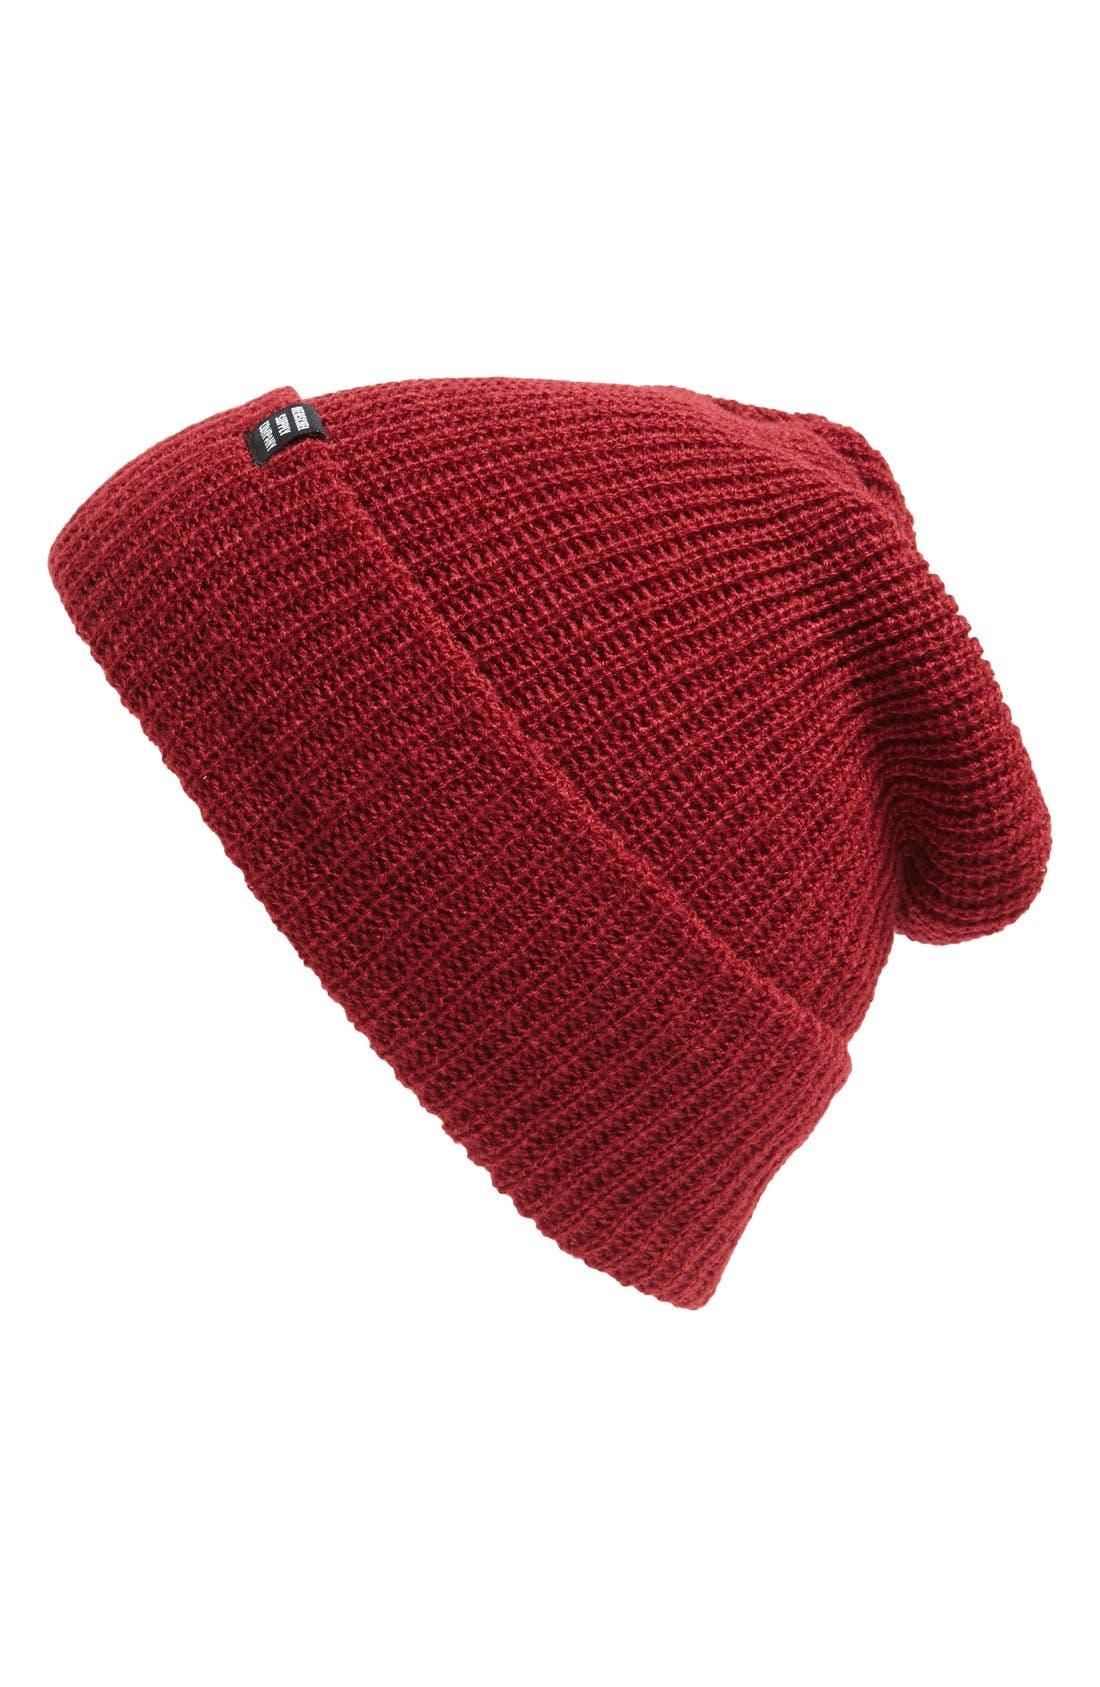 'Quartz' Solid Knit Cap,                             Main thumbnail 8, color,